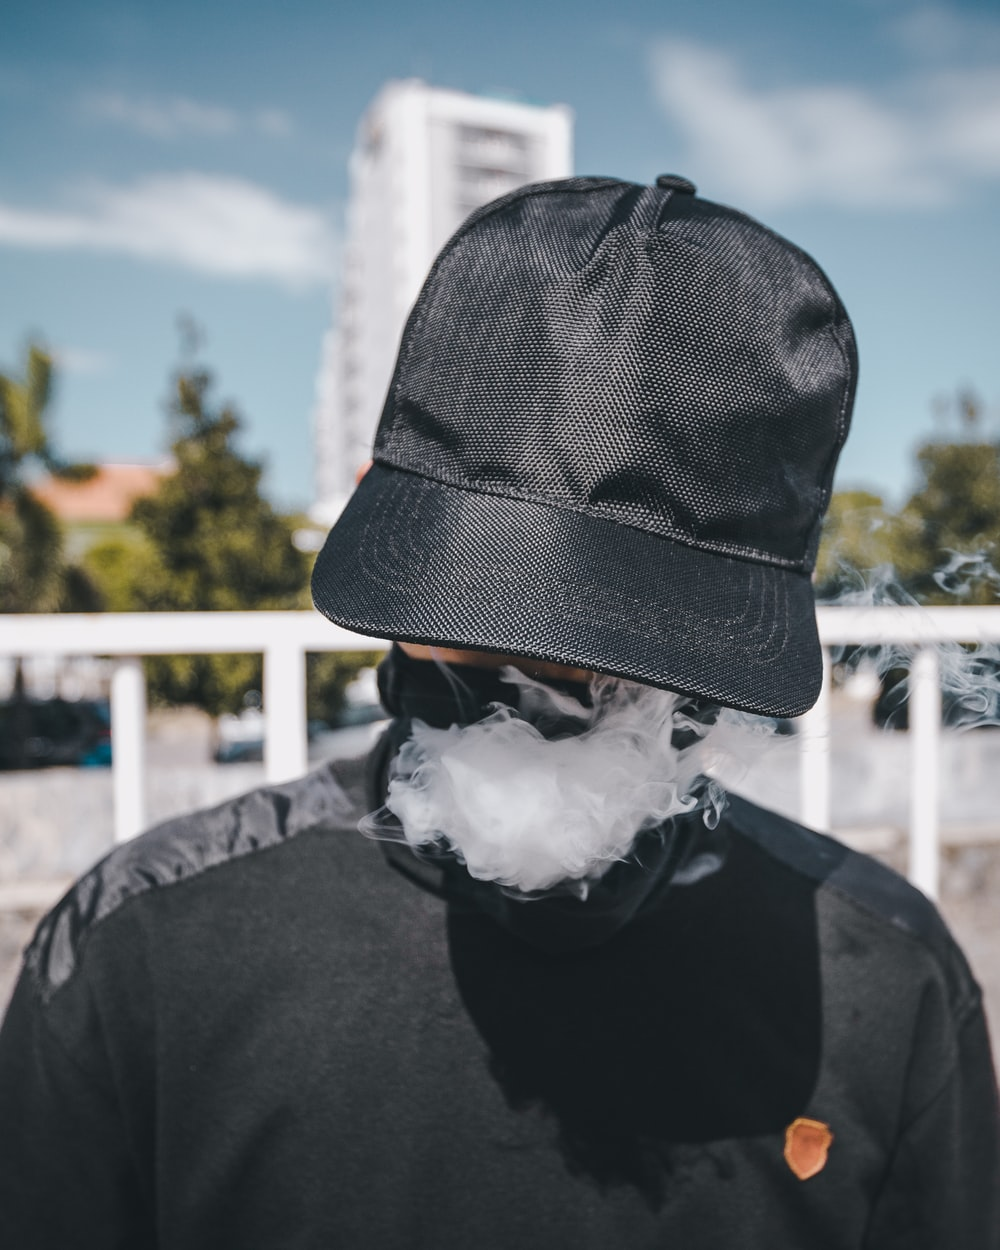 man wearing black cap while taking selfie